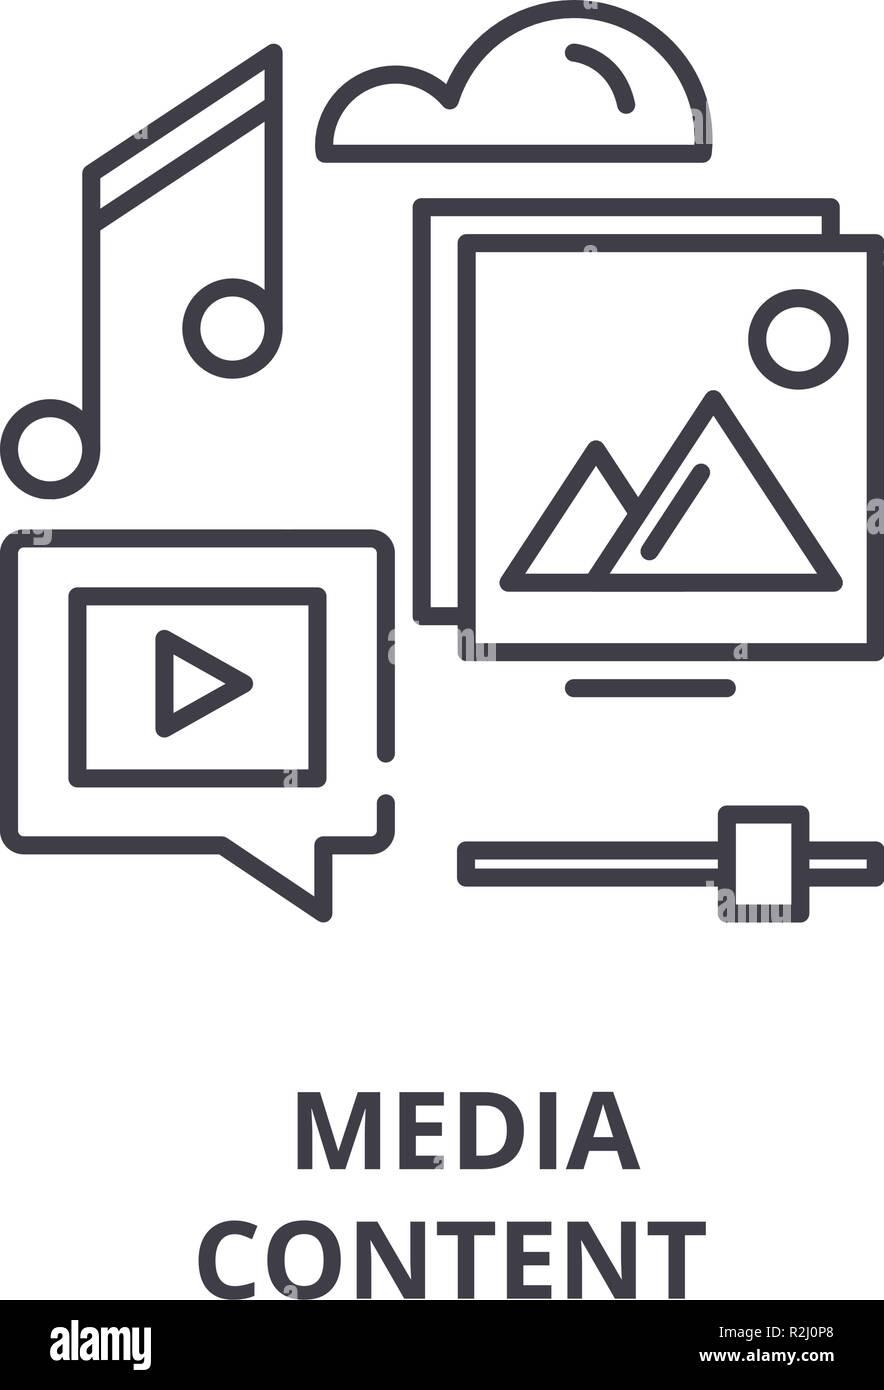 Icono de línea de contenido multimedia de concepto. Contenido multimedia ilustración lineal de vectores, símbolo, signo Imagen De Stock